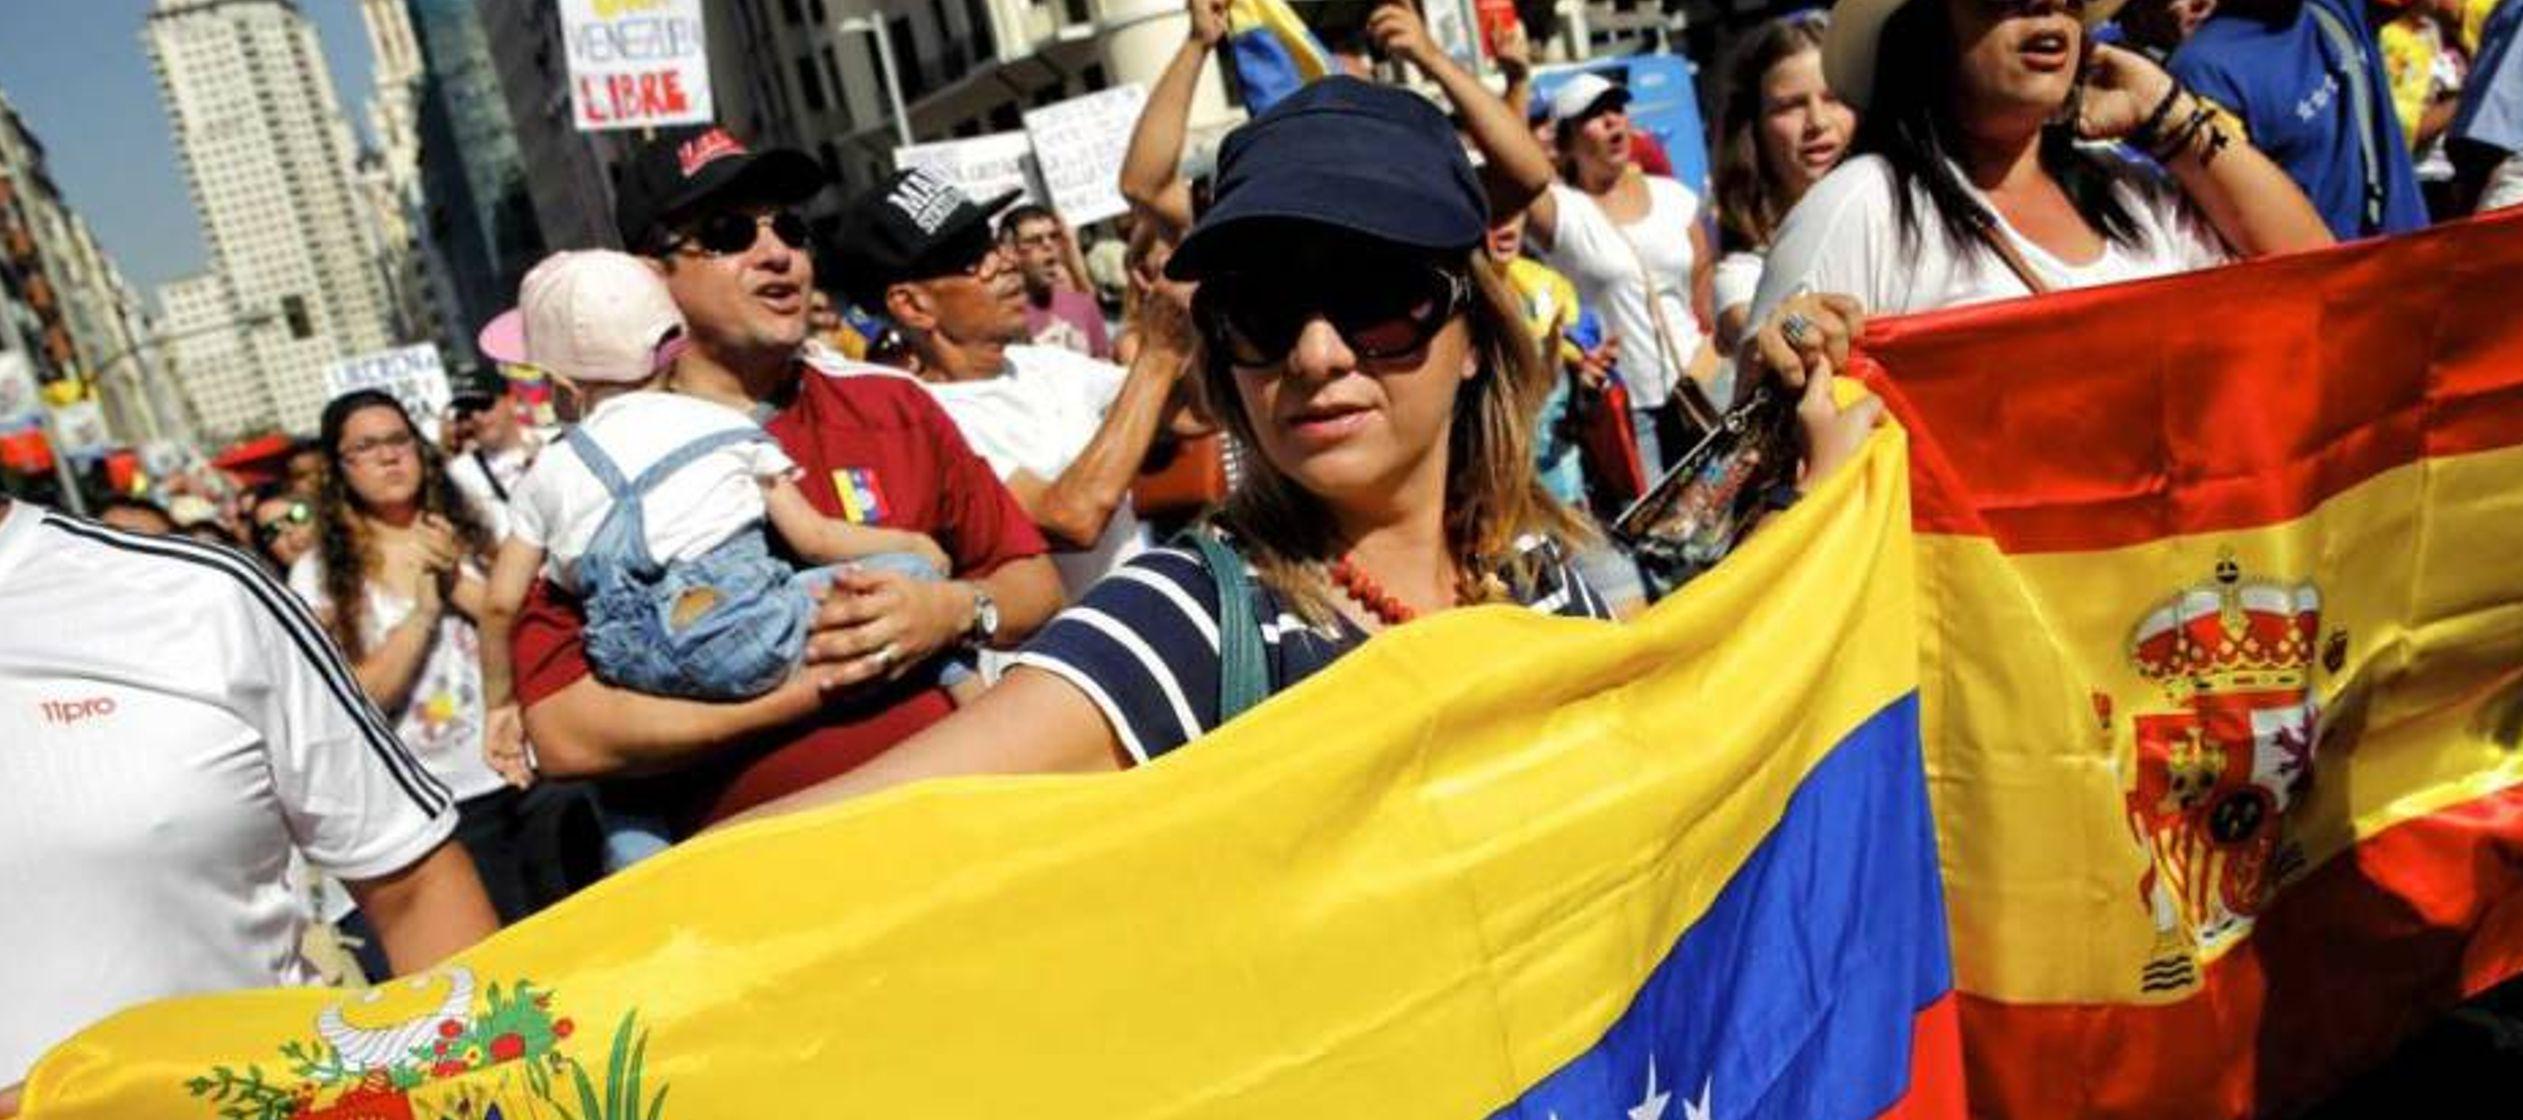 La justicia otorga permisos de residencia a venezolanos por razones humanitarias